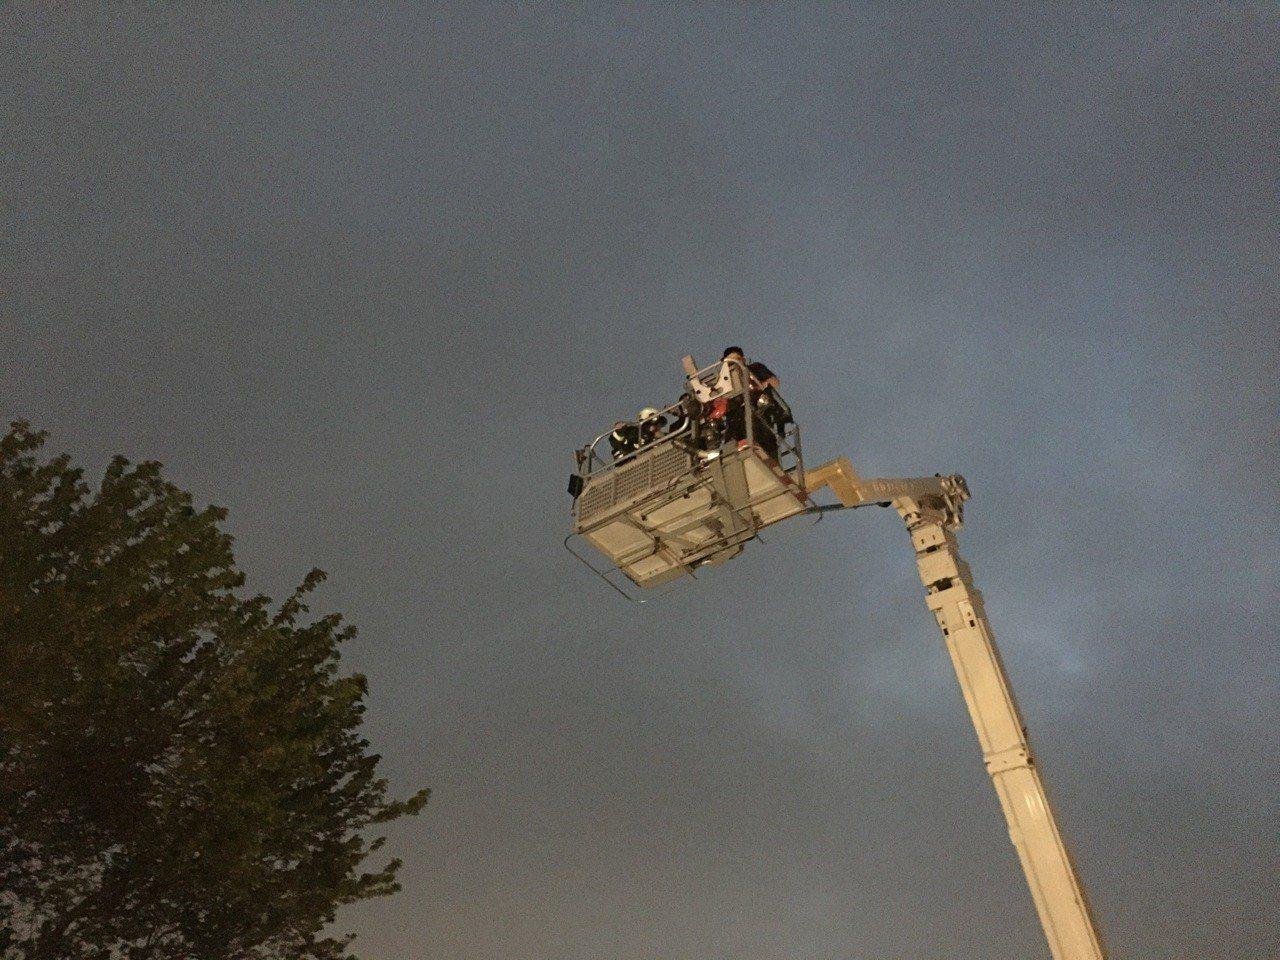 文化大學火警,消防出動雲梯車救援。記者蕭雅娟/翻攝